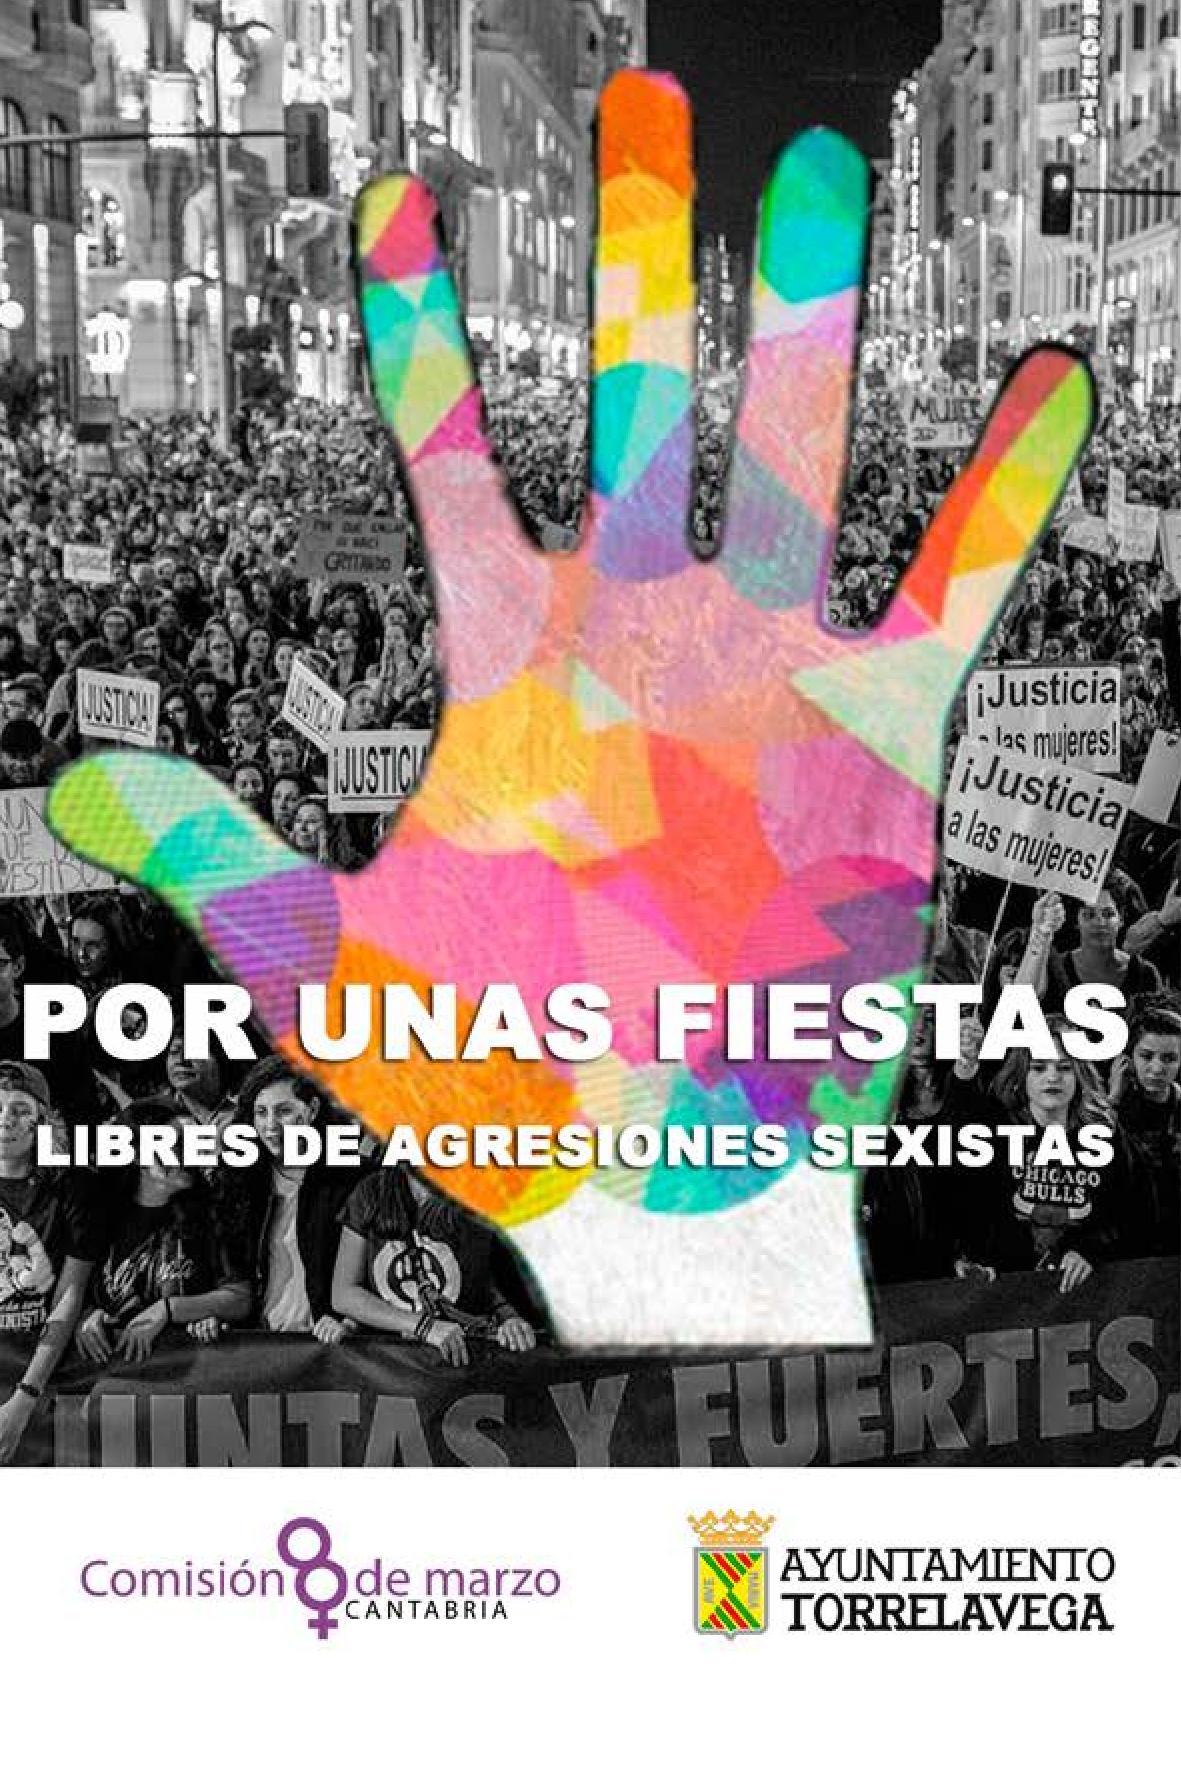 Torrelavega apuesta por unas fiestas libres de agresiones sexistas